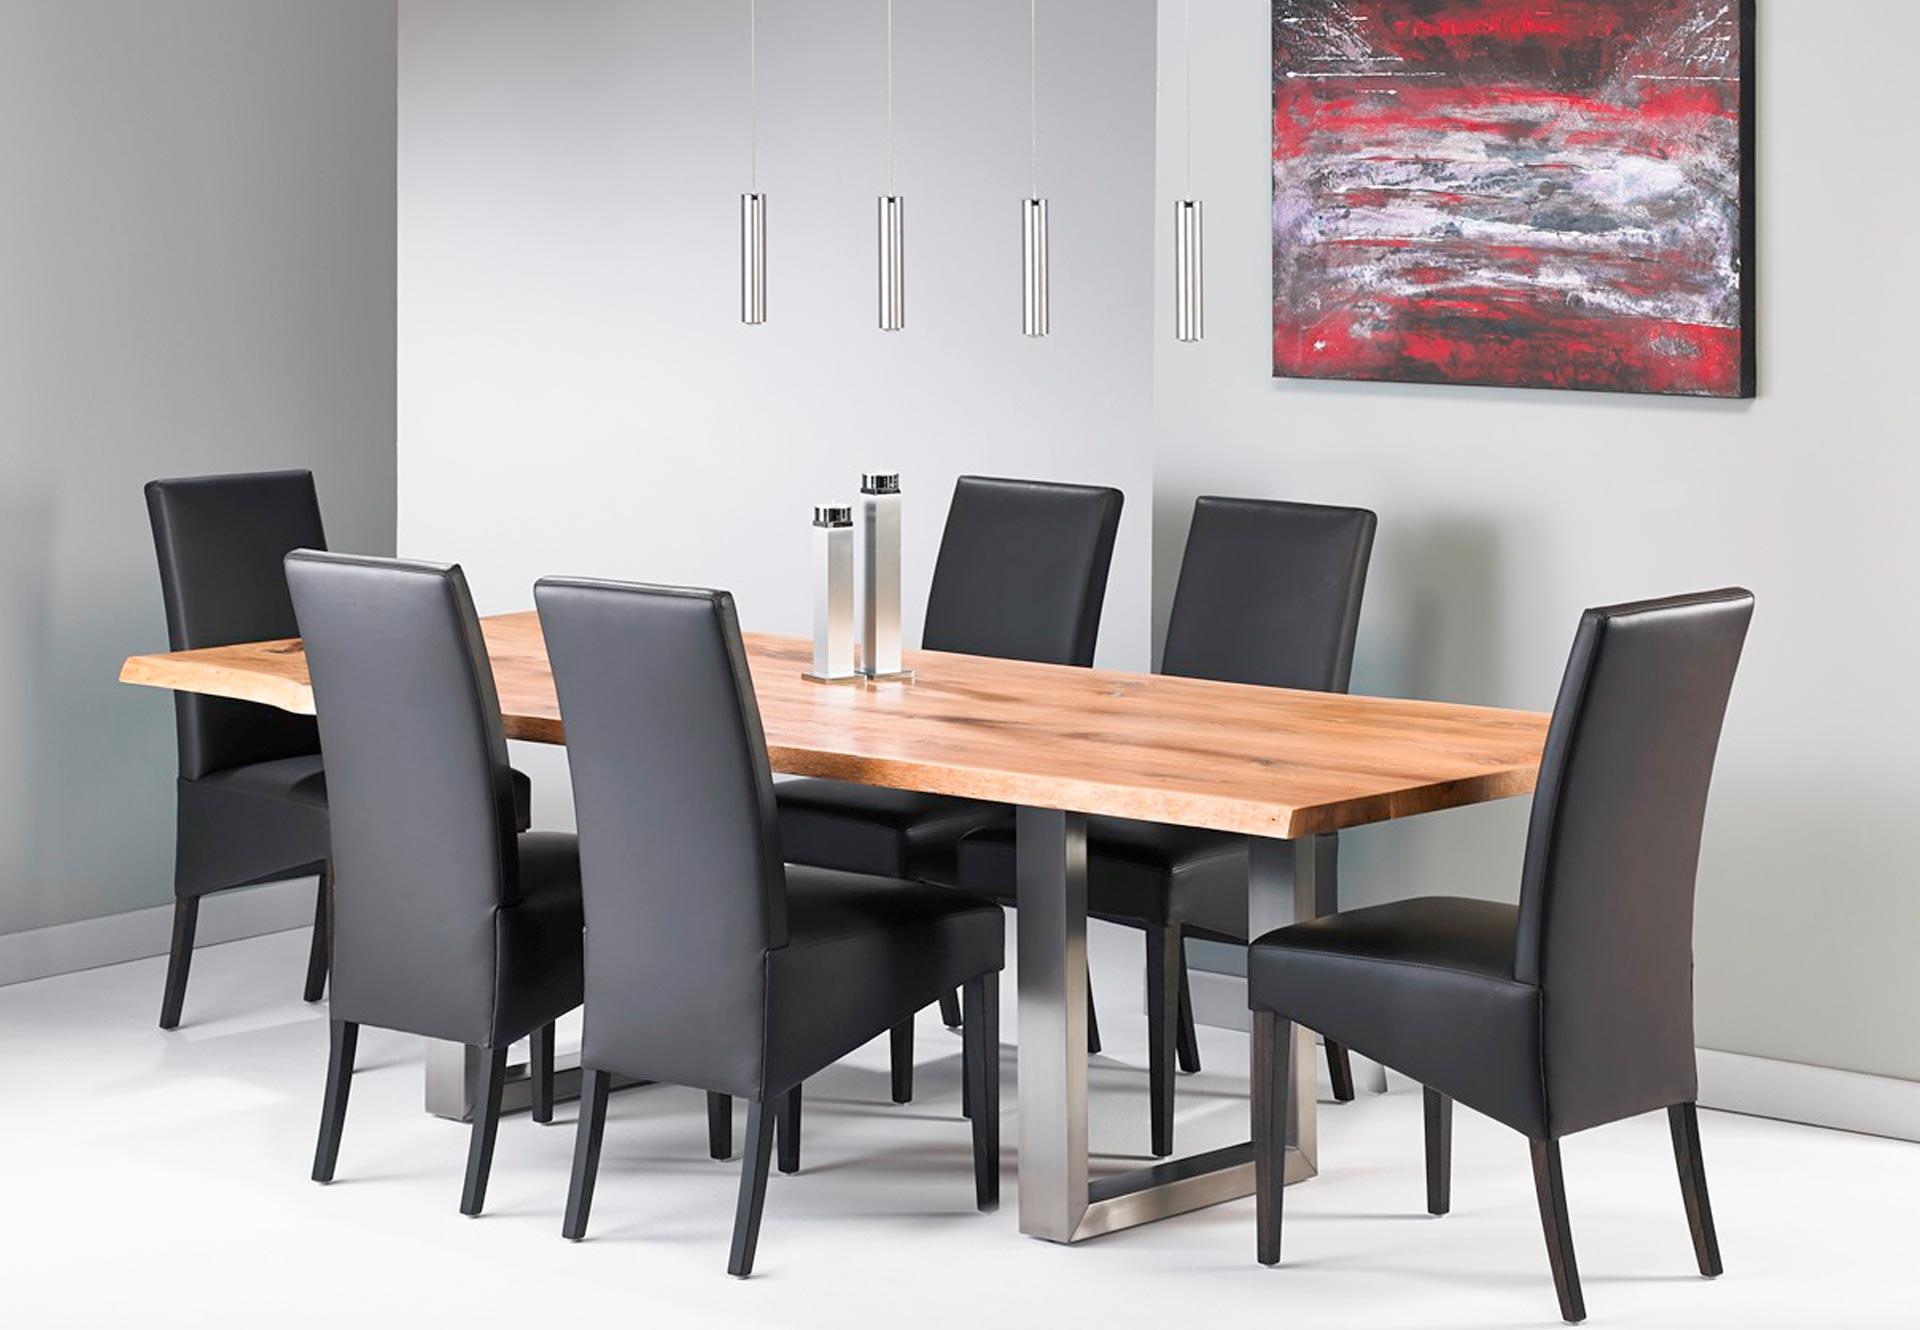 esstisch baumkante hochwertige esstische direkt vom hersteller. Black Bedroom Furniture Sets. Home Design Ideas